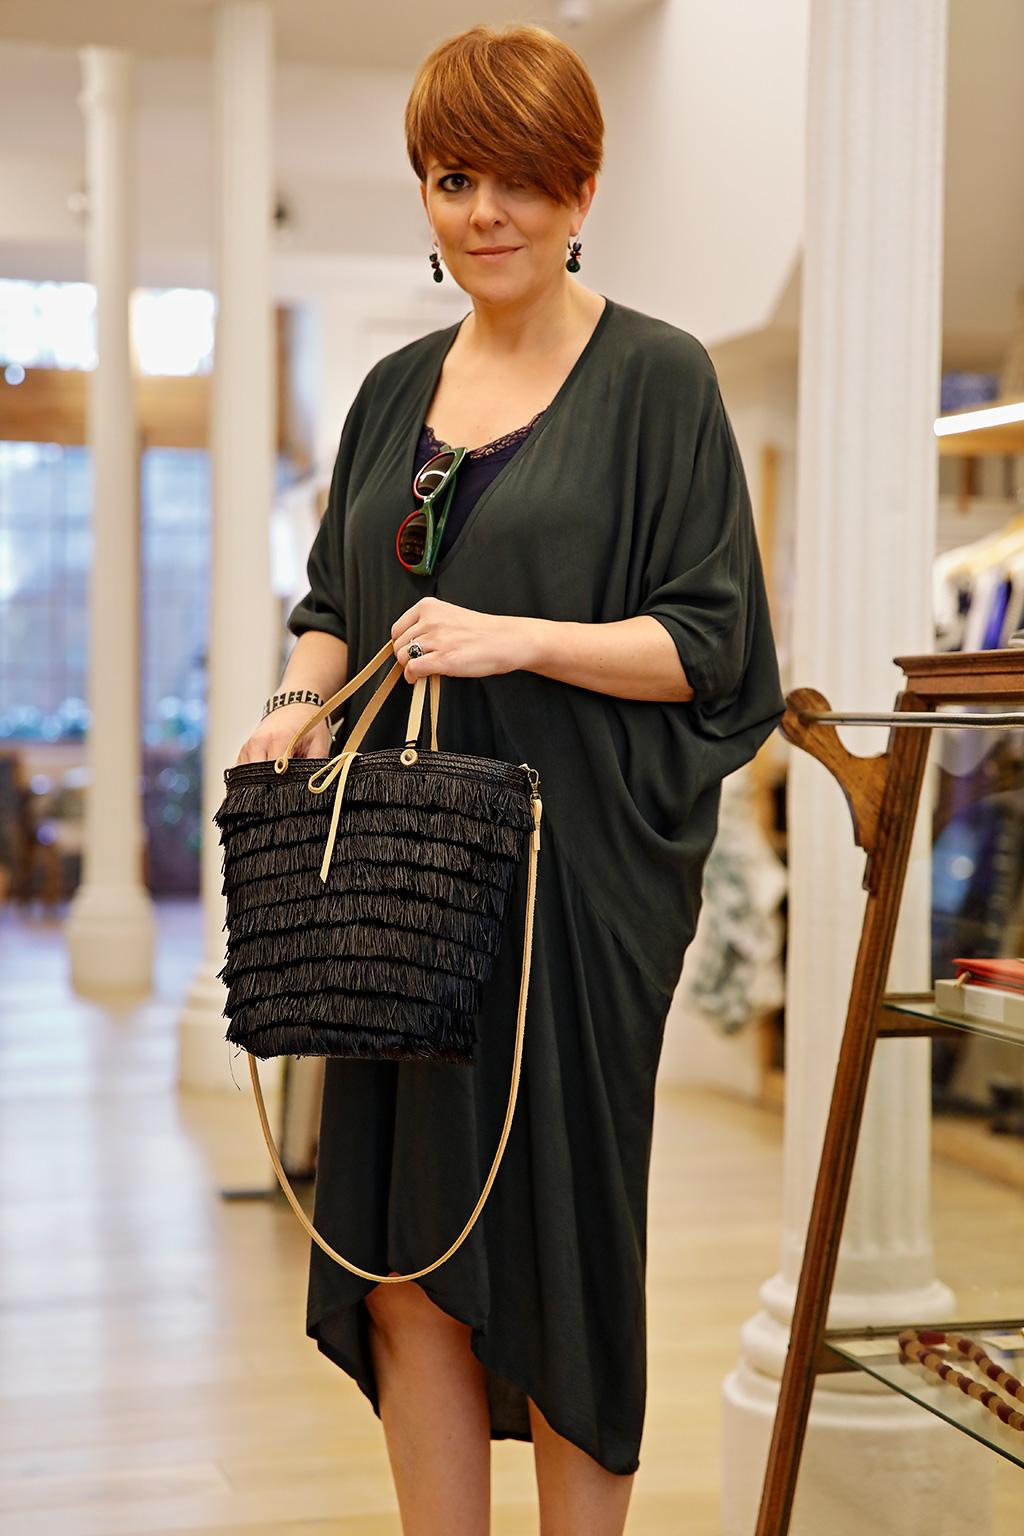 Mónica López, Farmacia Plaza Guipúzcoa, posando para Muselines con prendas de AUKA, calzado de Ainhoa Etxeberria y gafas de Óptica Zurriola.